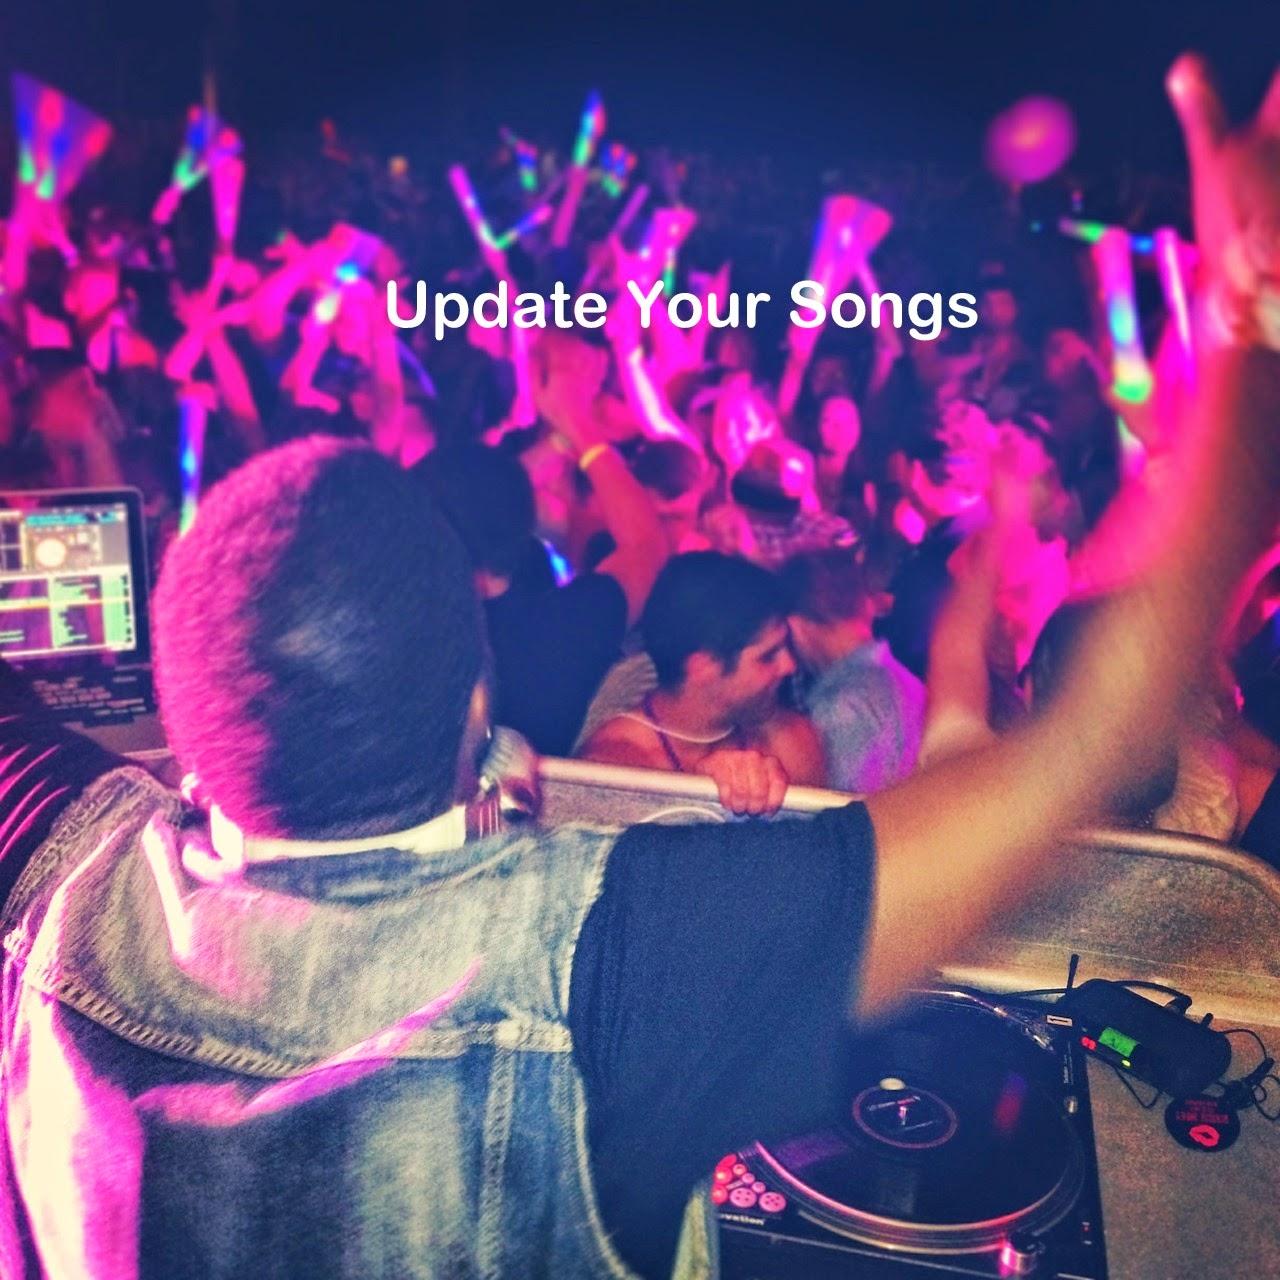 Punya lagu baru itu bikin DJ semangat main